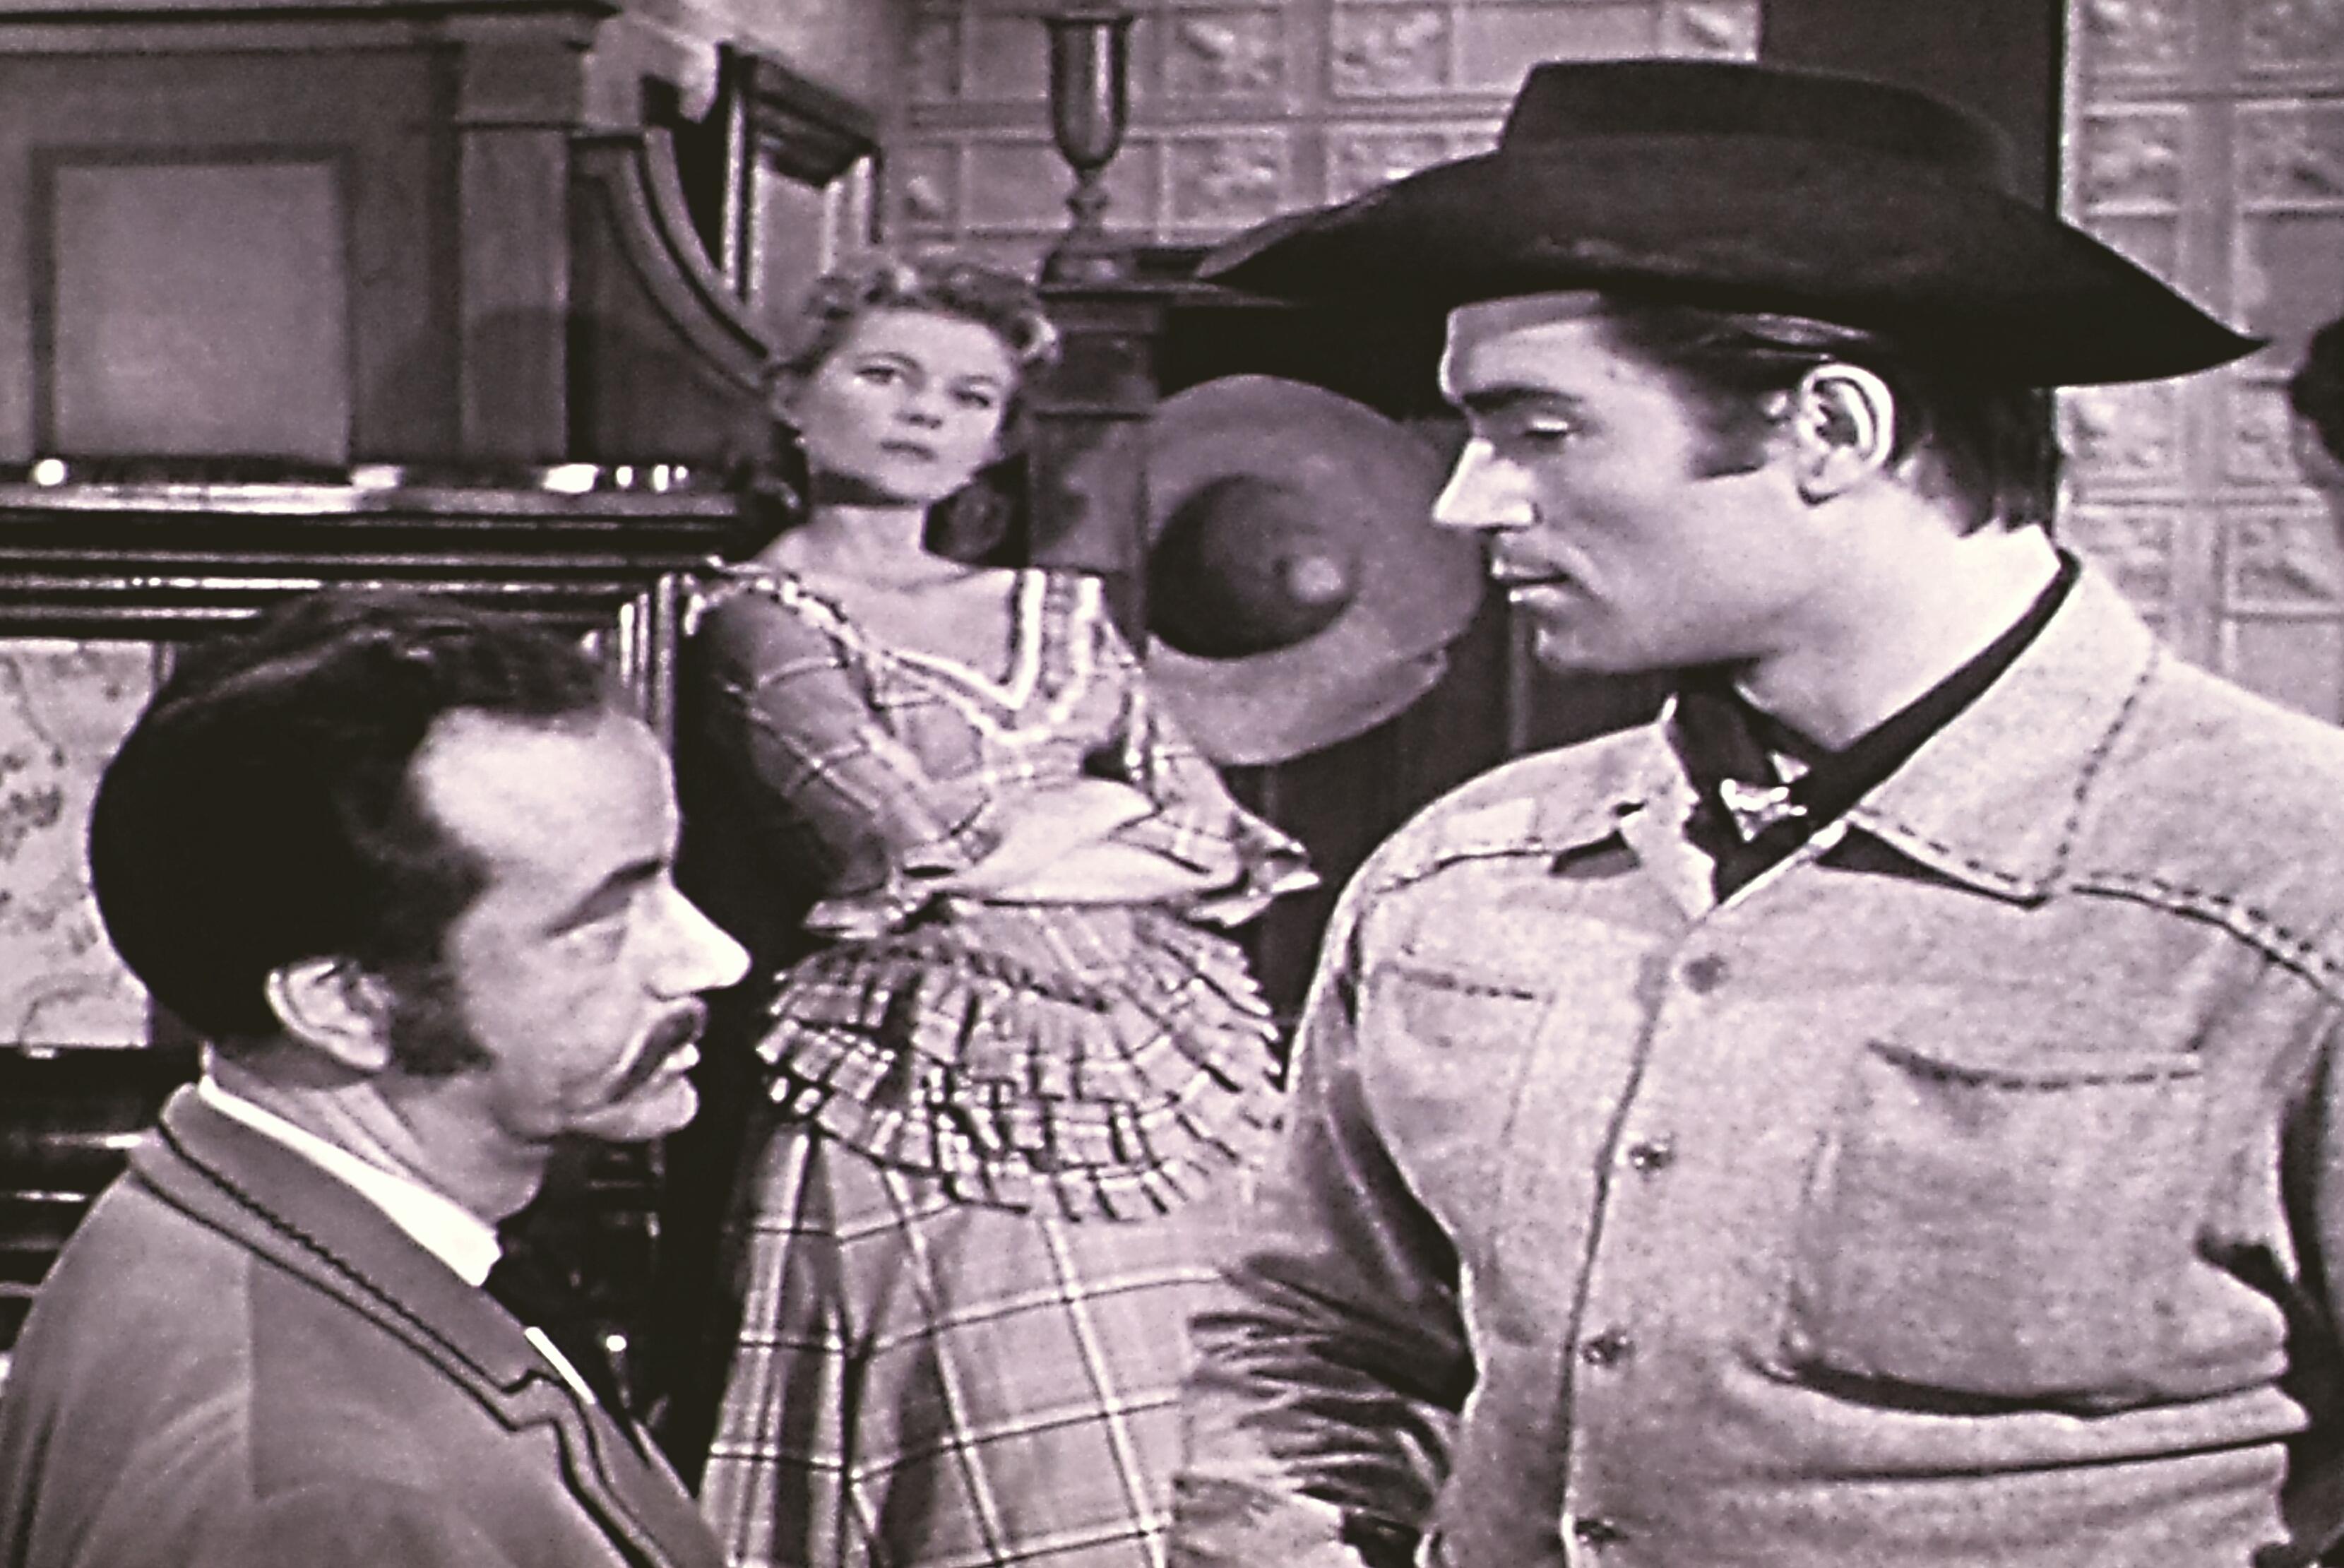 Peggie Castle, Edward Colmans, and Clint Walker in Cheyenne (1955)